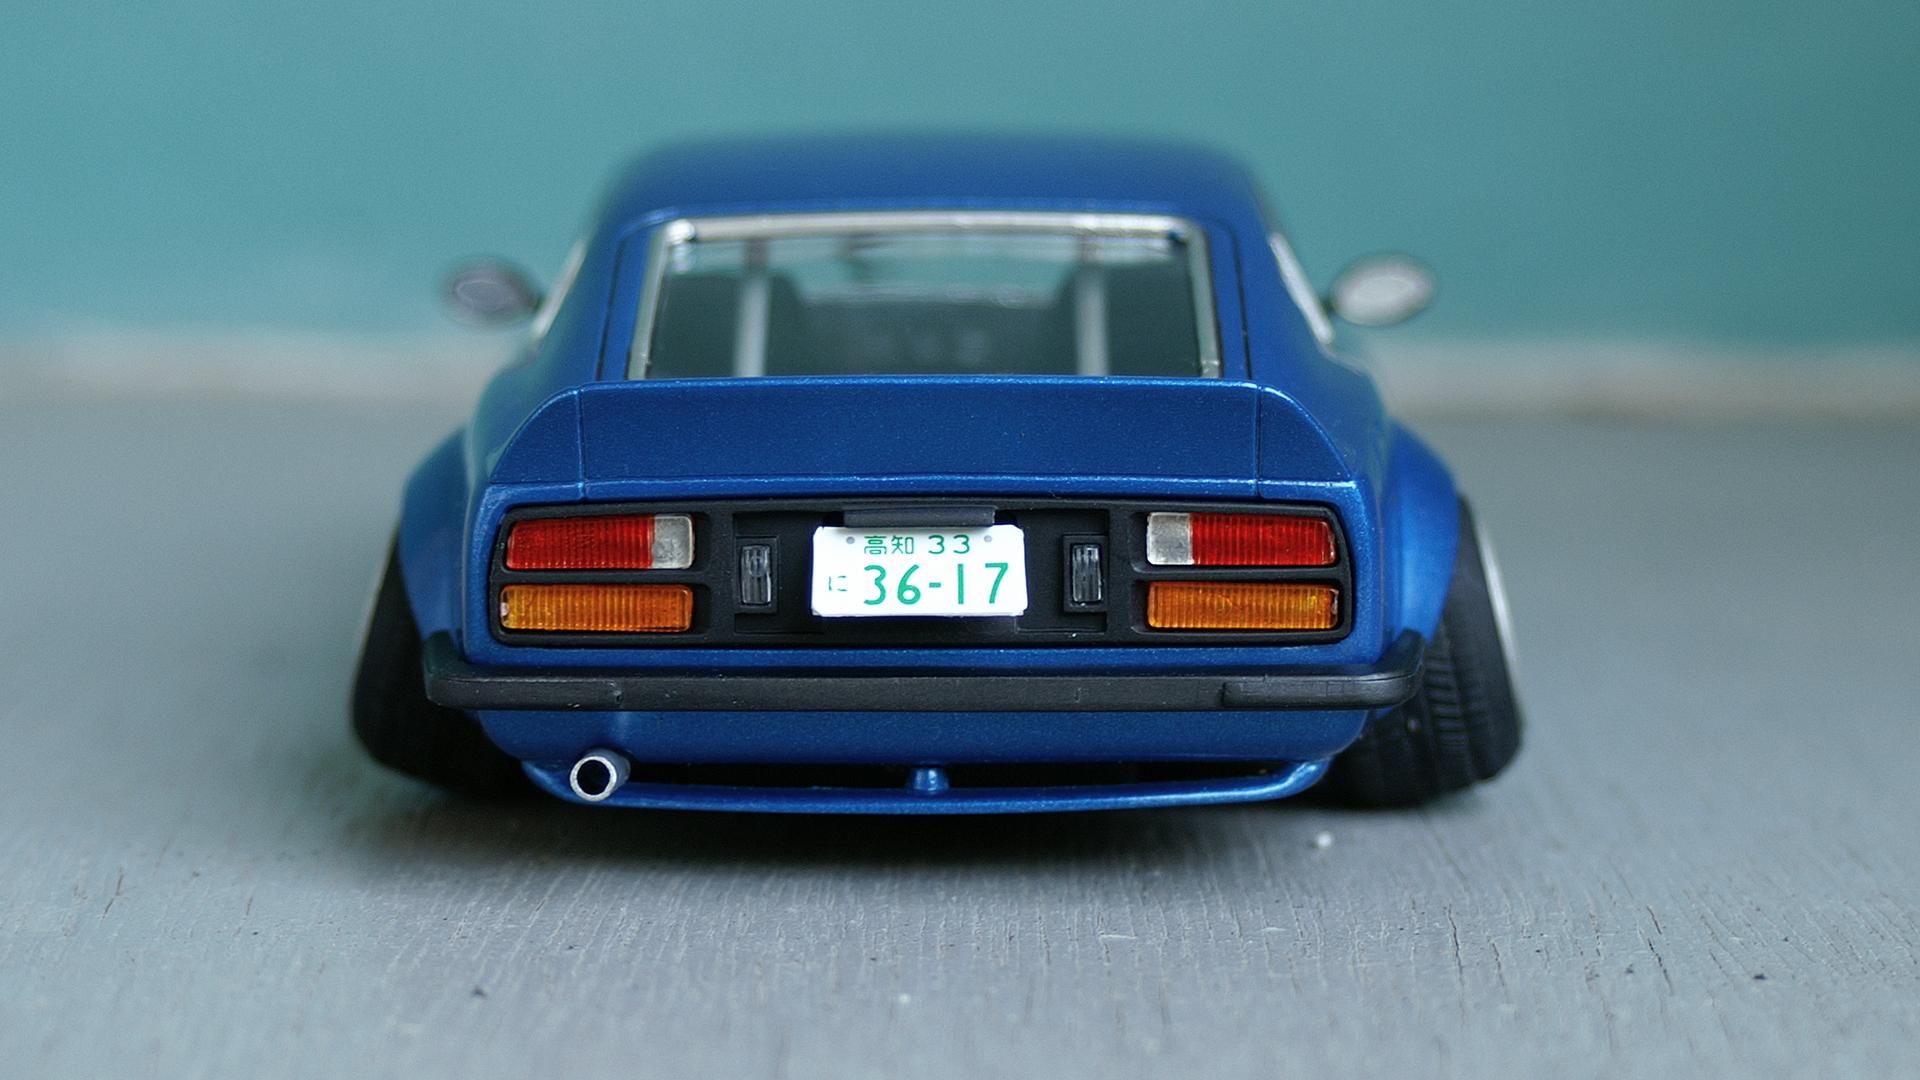 Lady In Blue Nissan S30 Fairlady Z – ELP Modelling